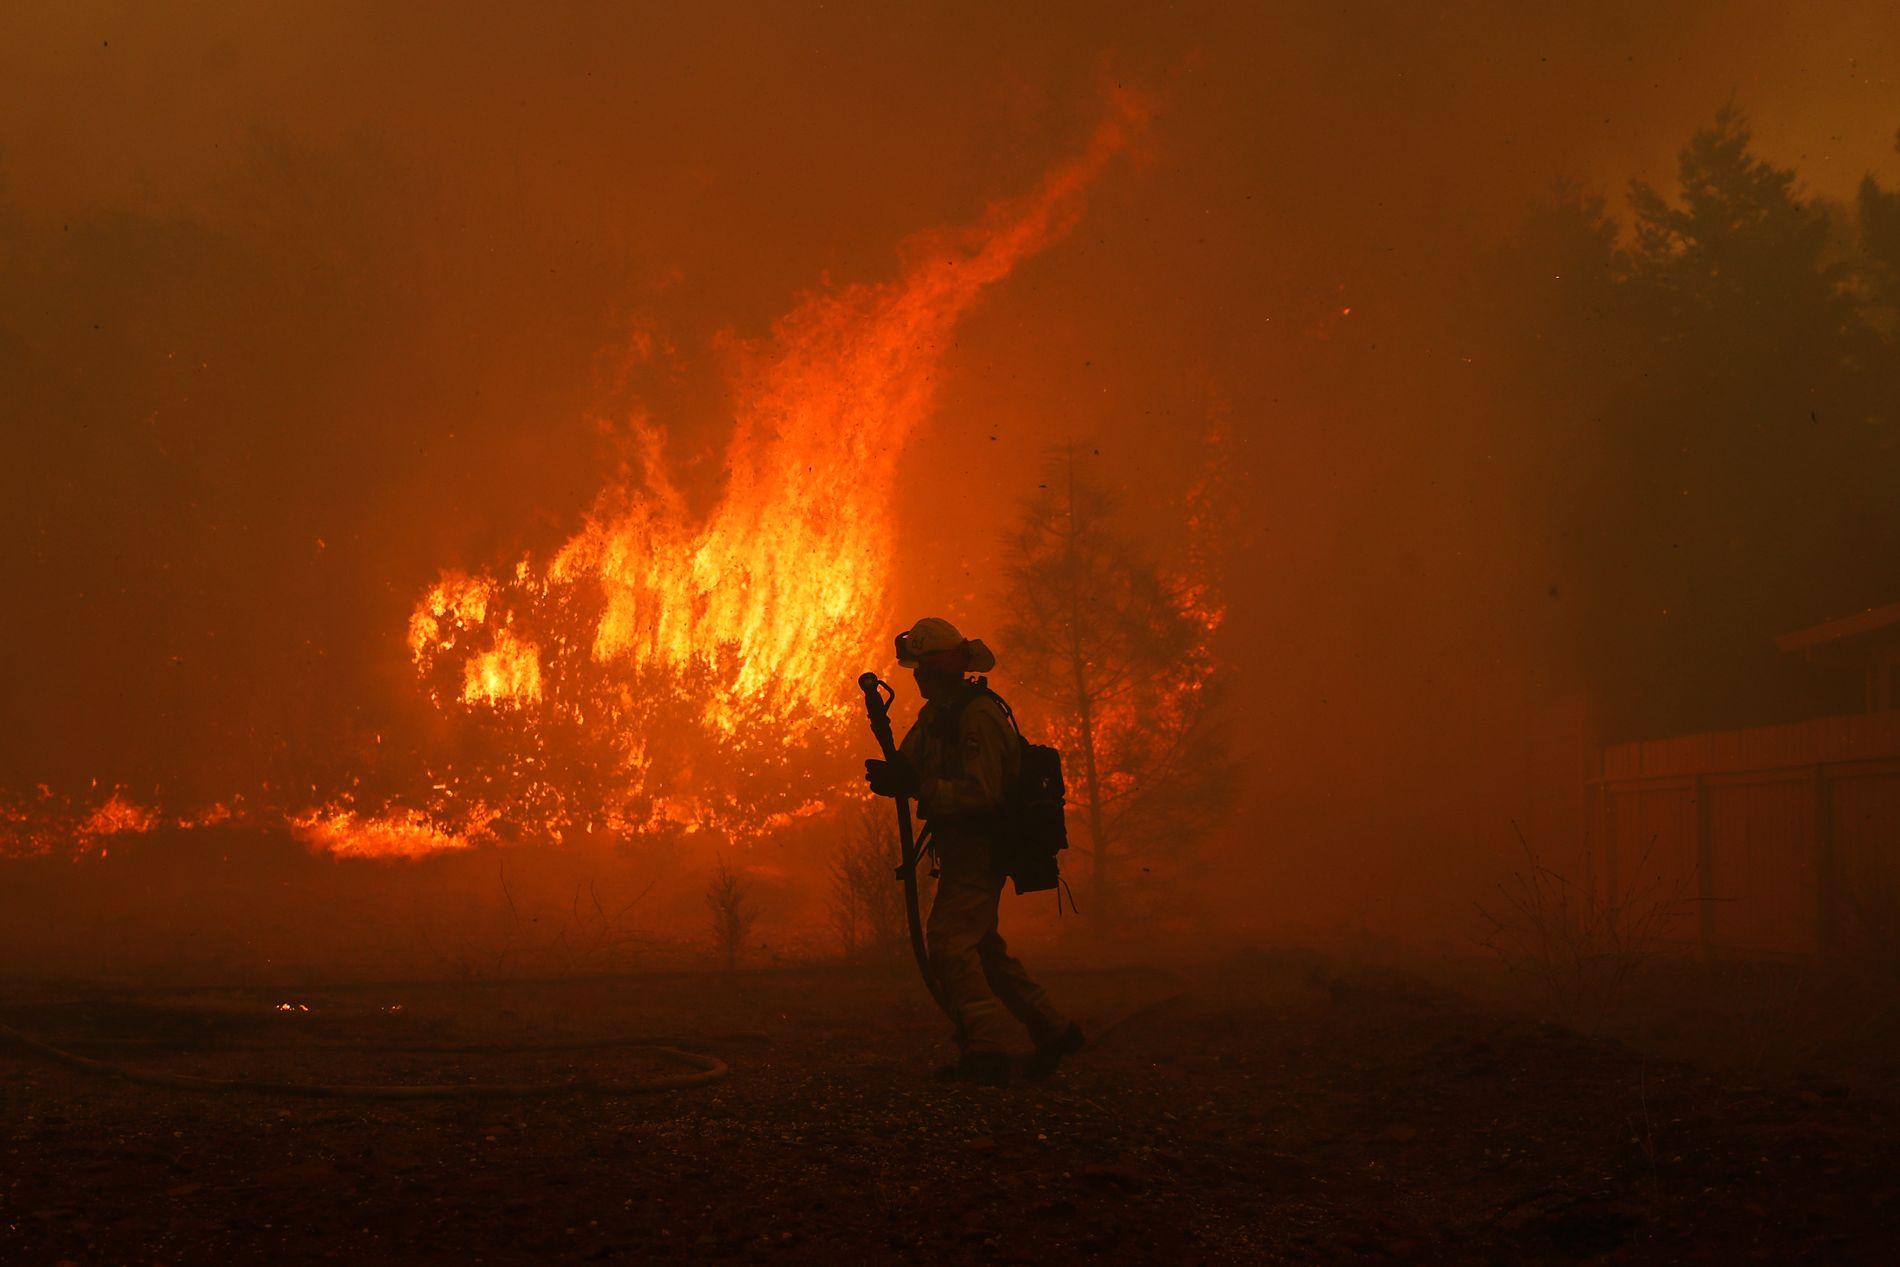 KJEMPER: En brannbetjent slåss mot flammene nær et hjem i Paradise i California torsdag.